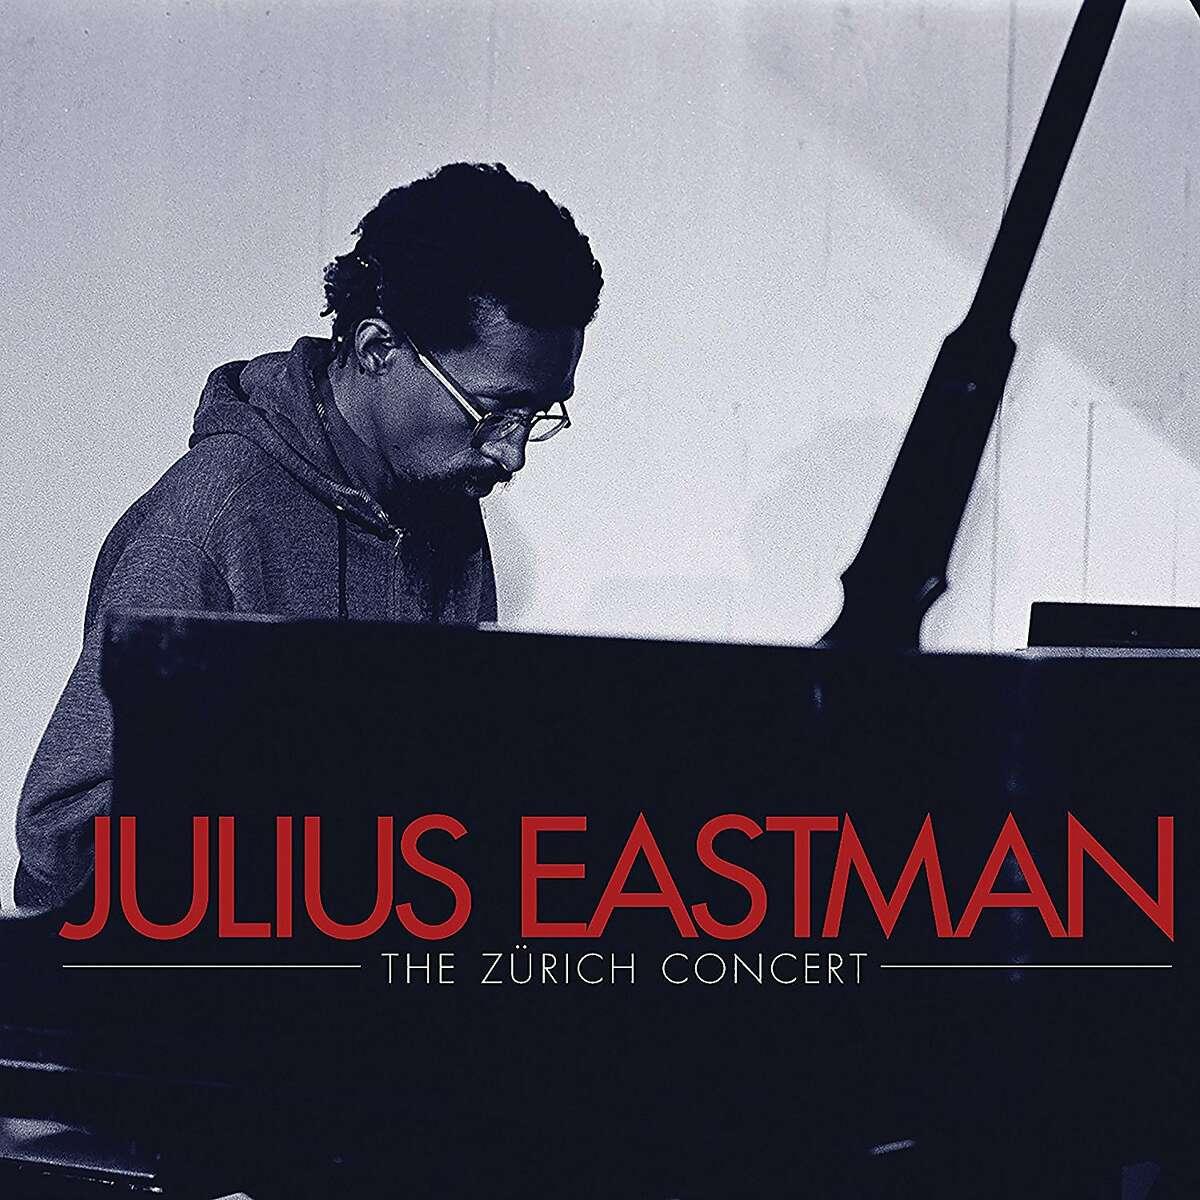 Julius Eastman, The Z�rich Concert